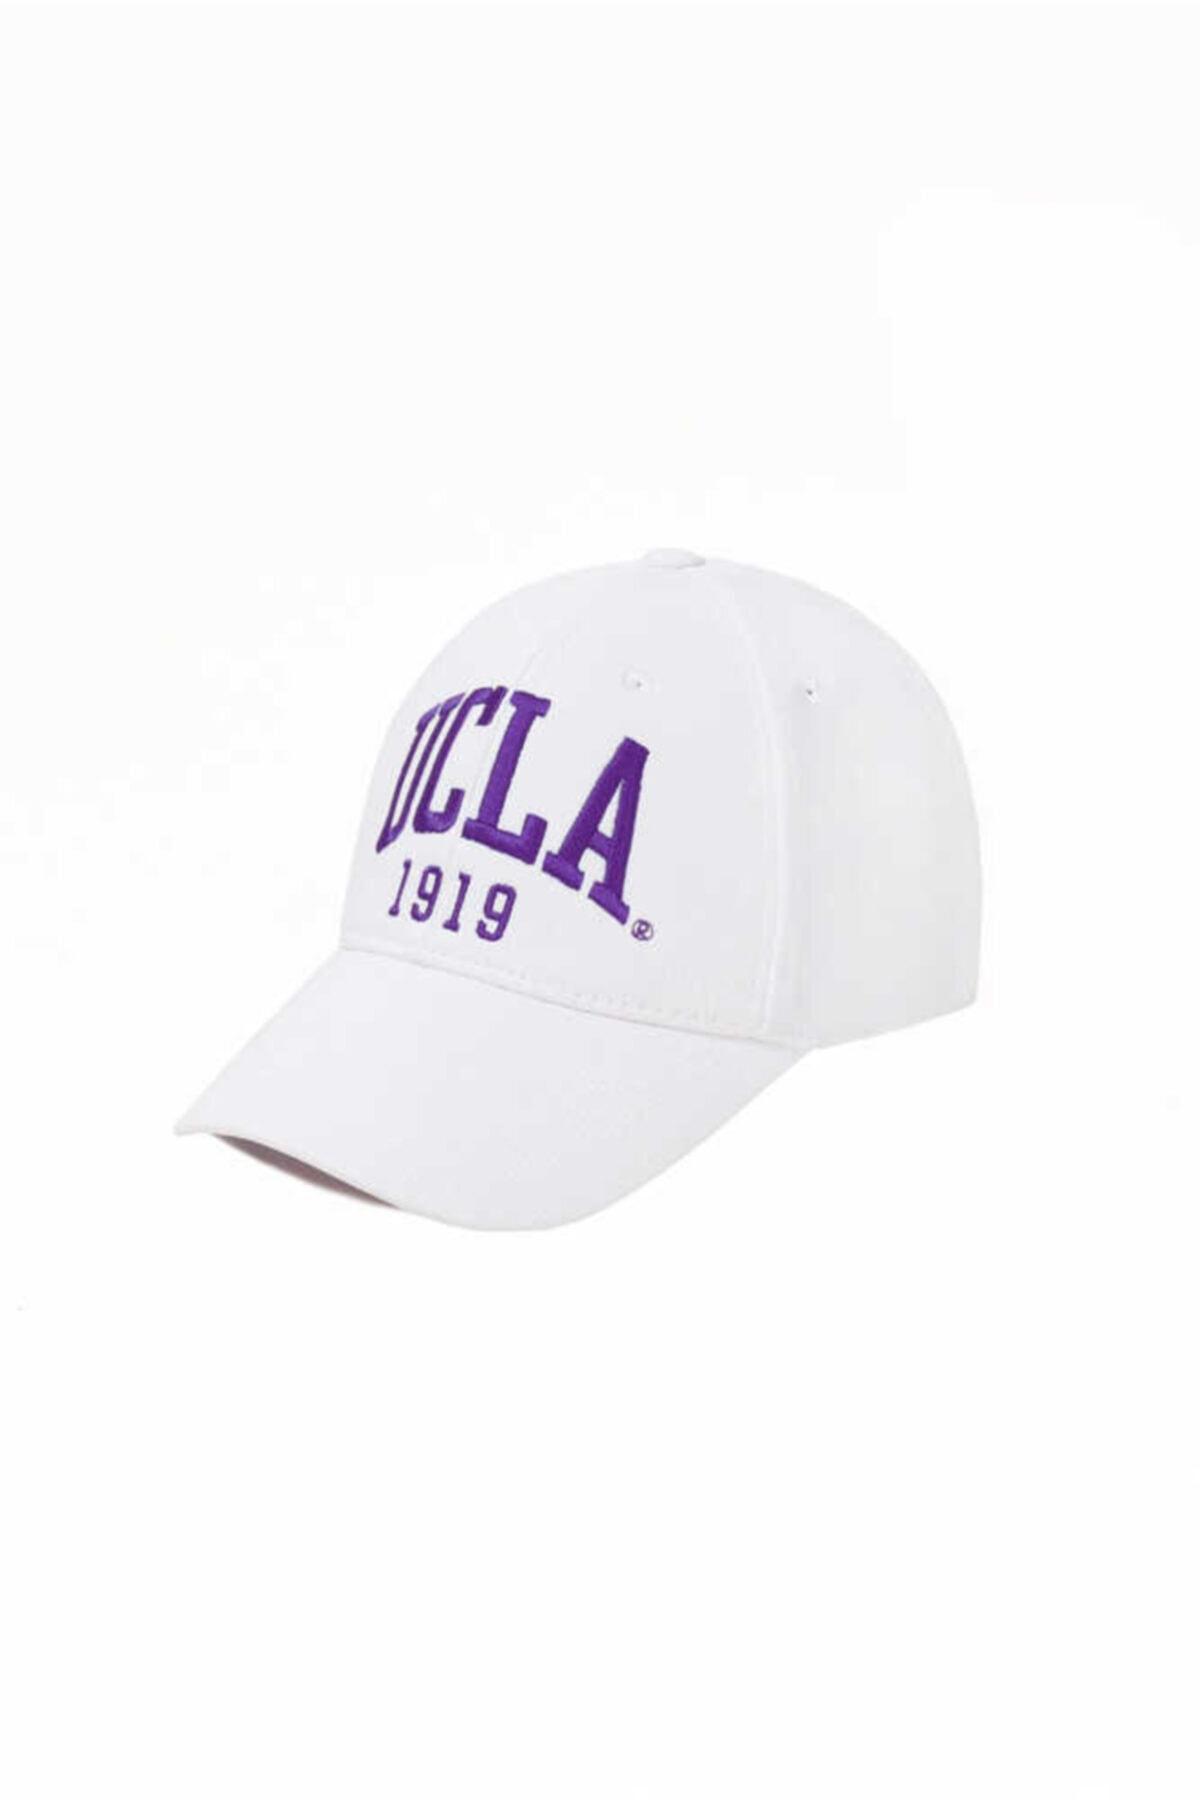 Ballard Beyaz Mor Nakışlı Şapka